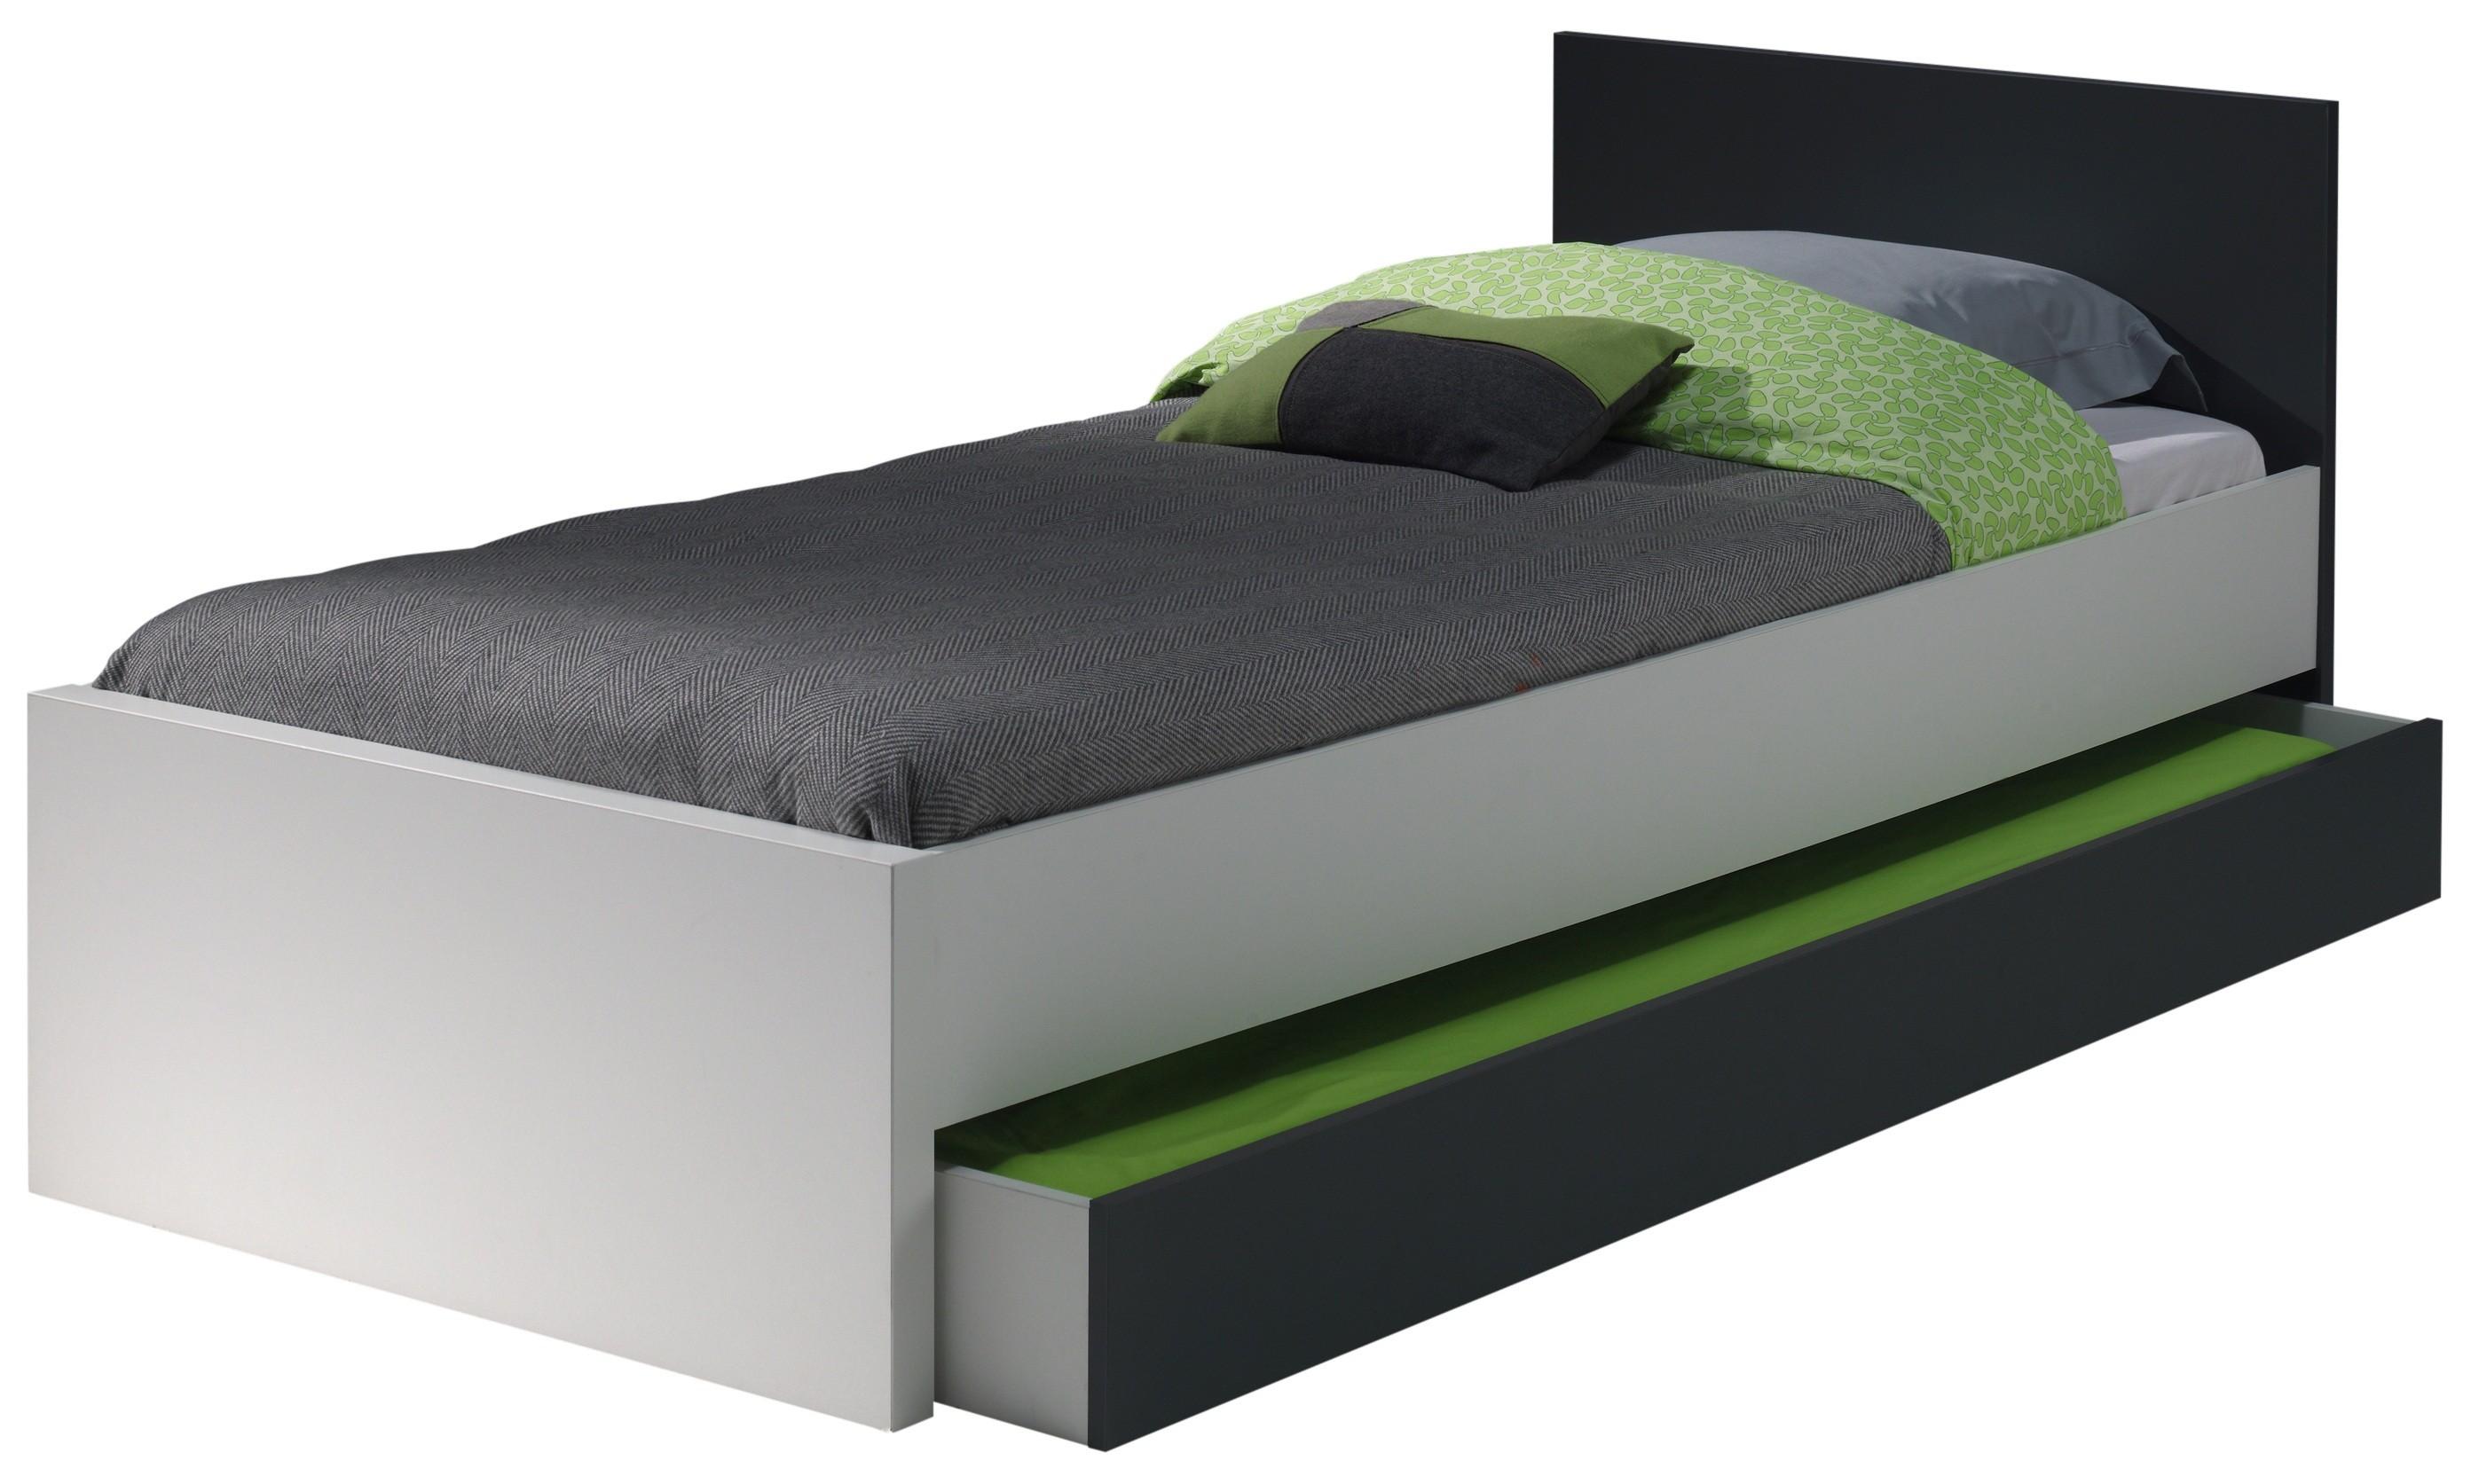 lit gigogne bois blanc et gris kuzo 90. Black Bedroom Furniture Sets. Home Design Ideas